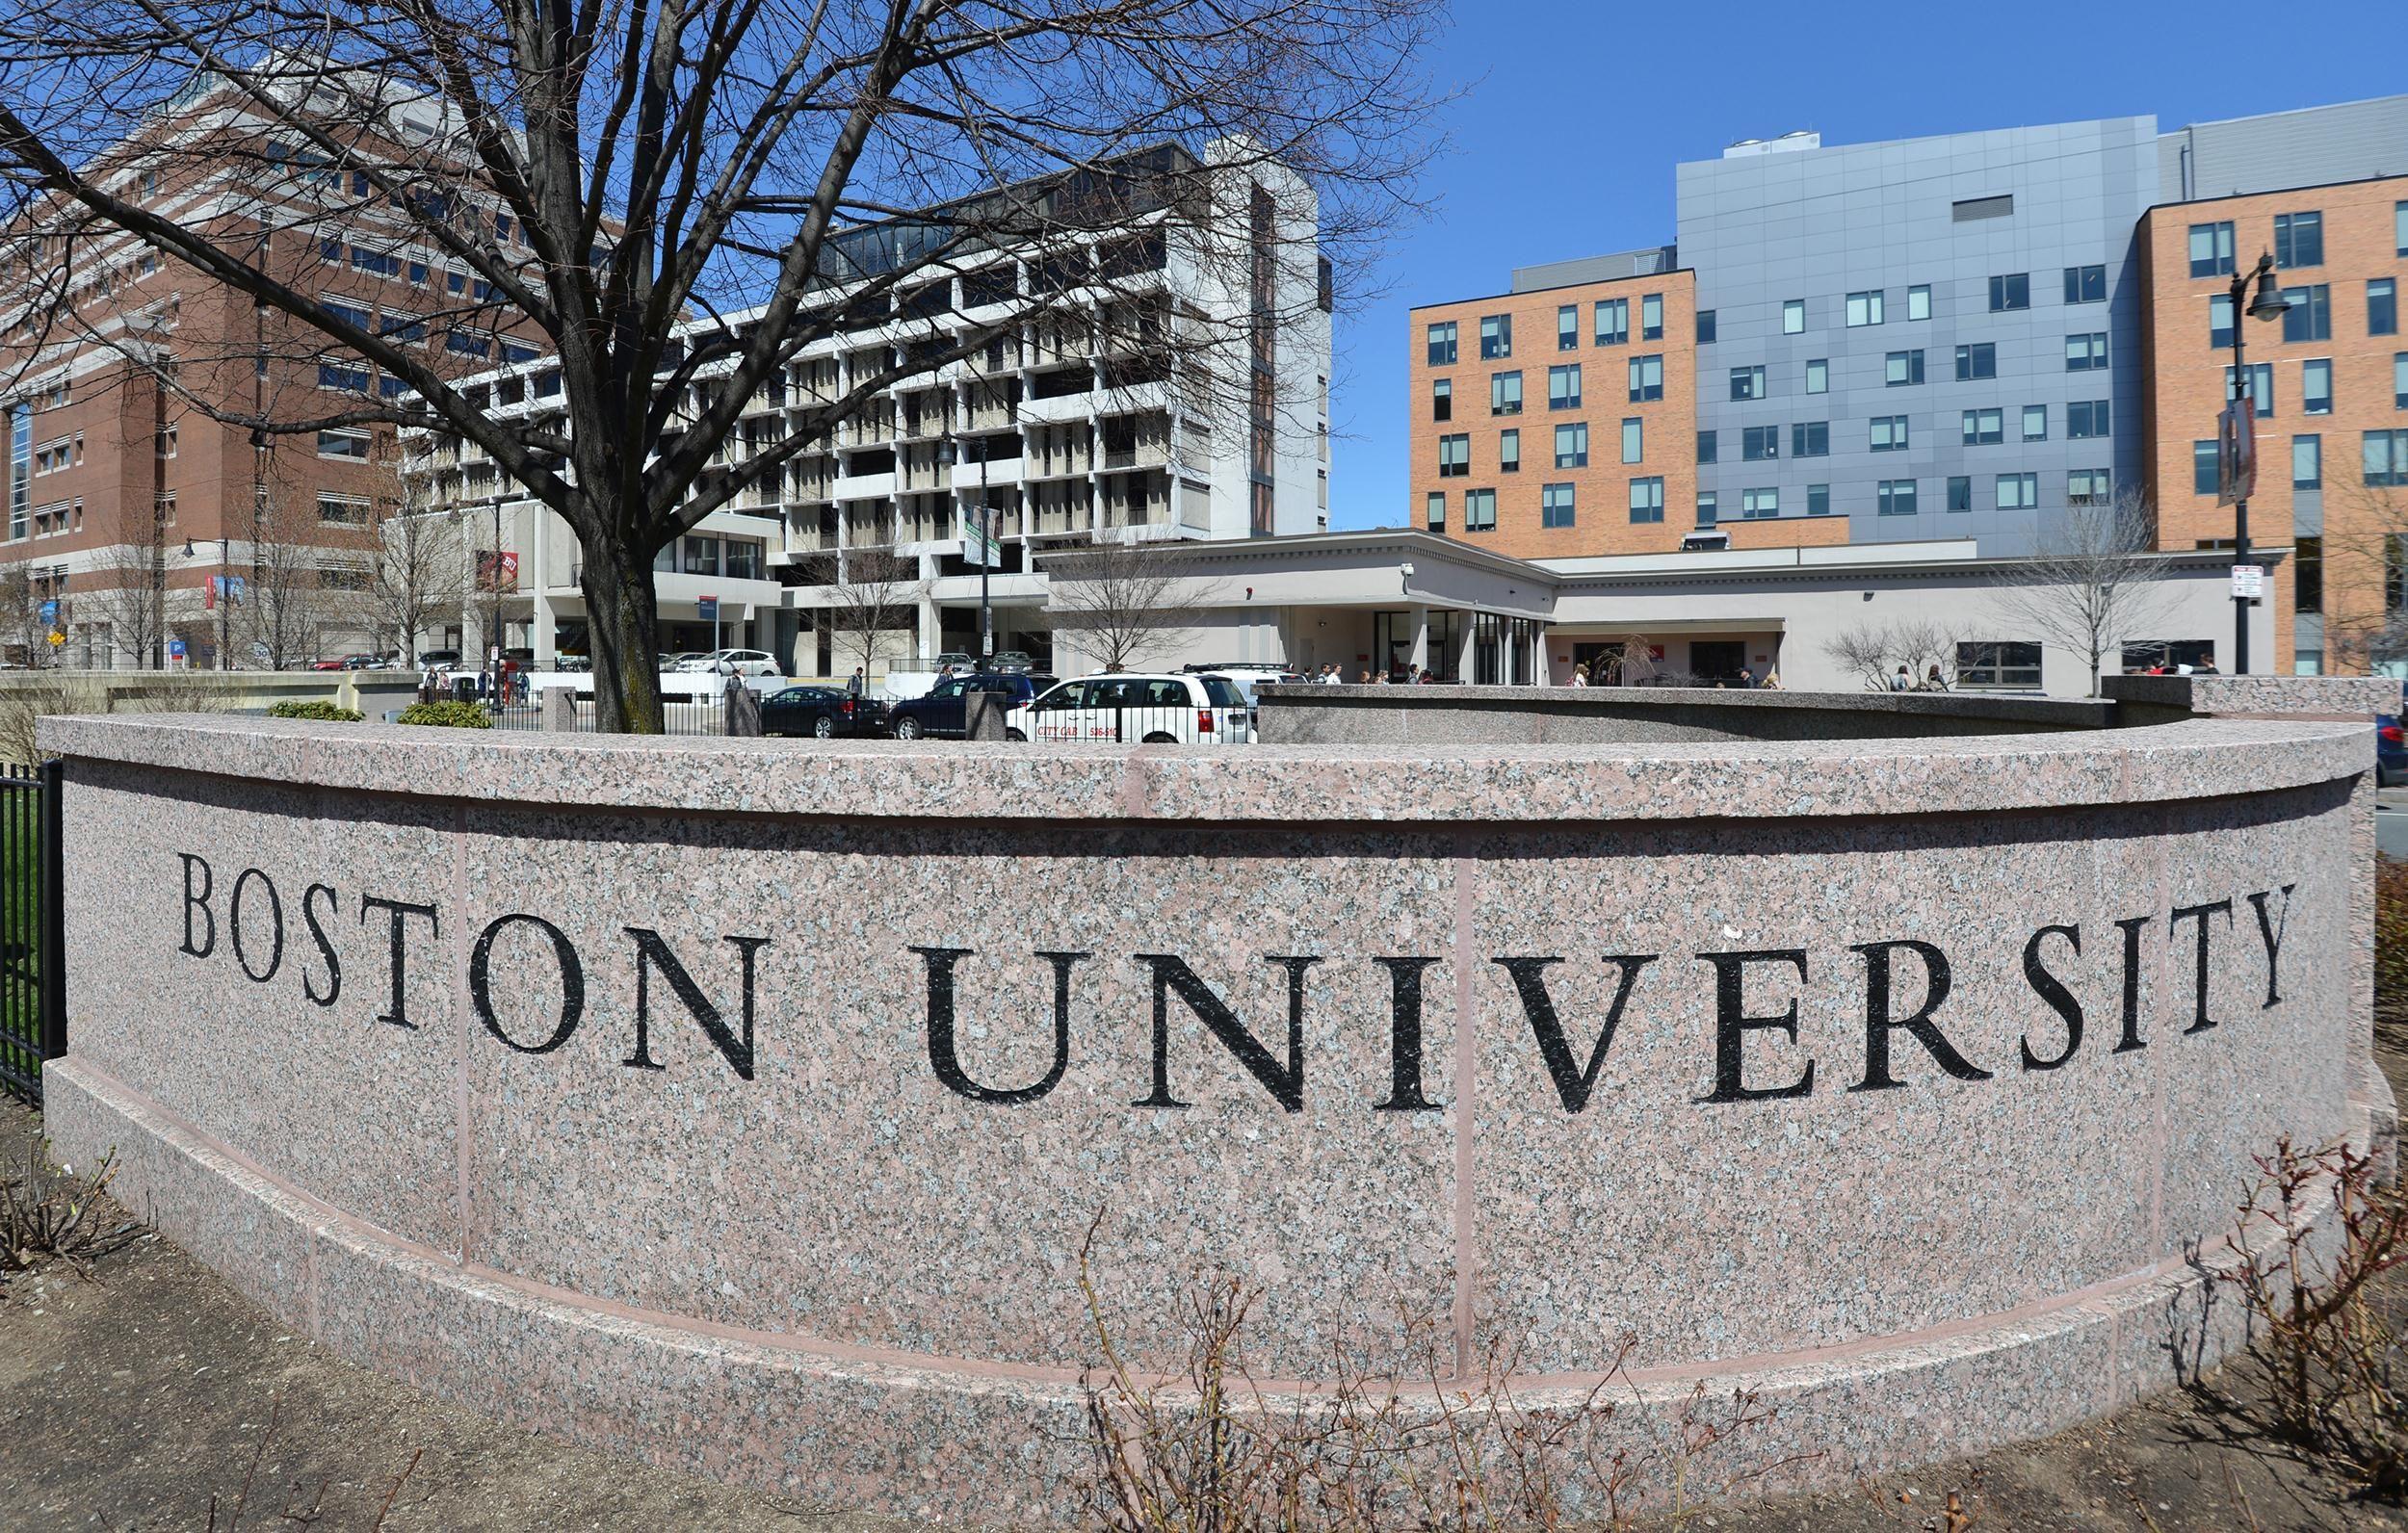 BU波士頓大學 - 地處人文薈萃的波士頓中心,校園與城市自然融合